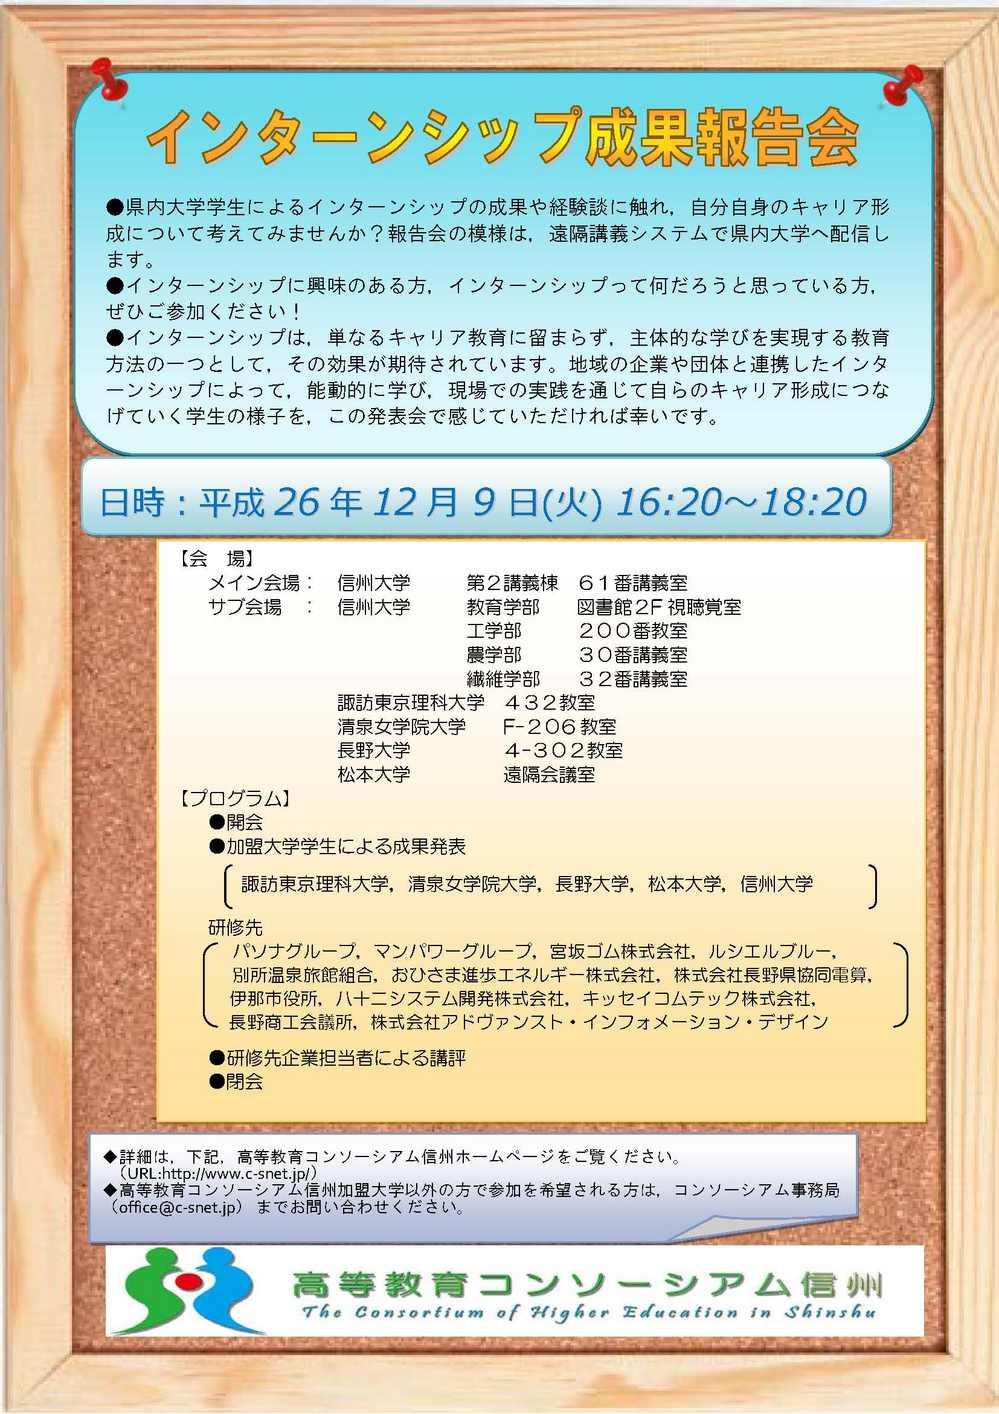 2014_インターンシップ報告会ポスター.jpg